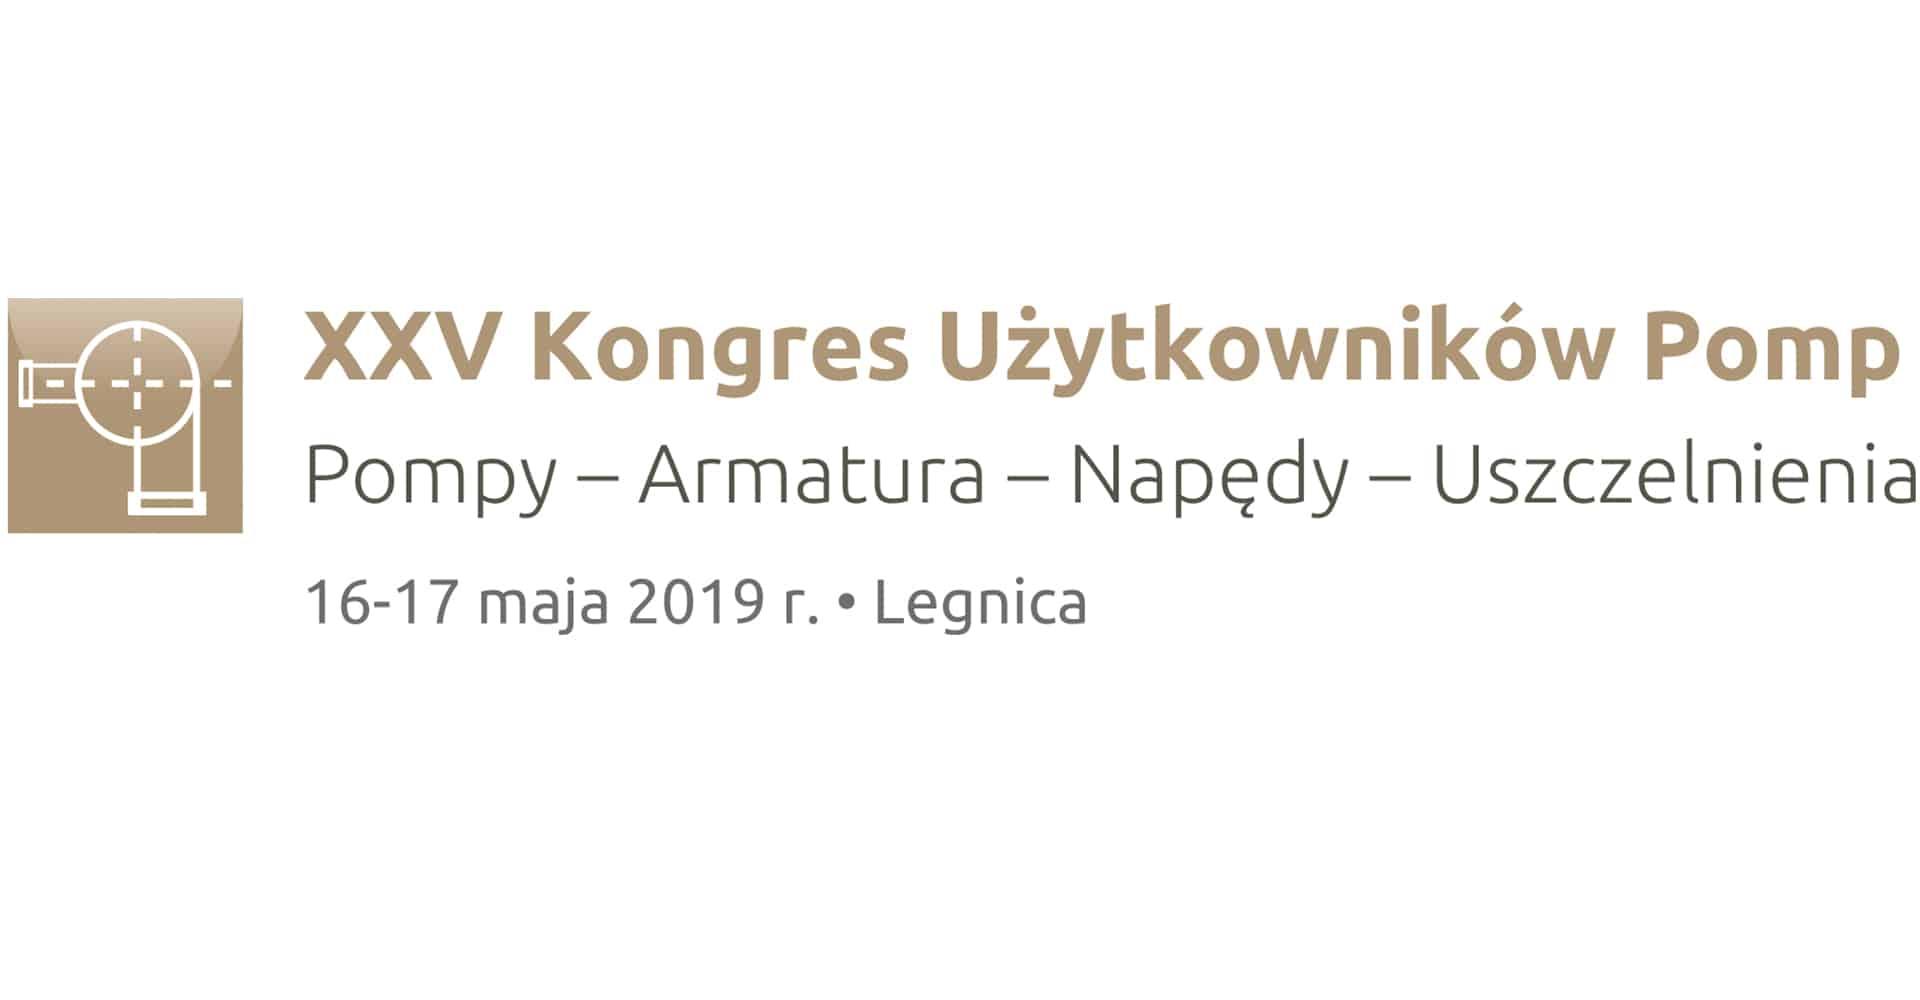 Kongres Użytkowników Pomp 2019